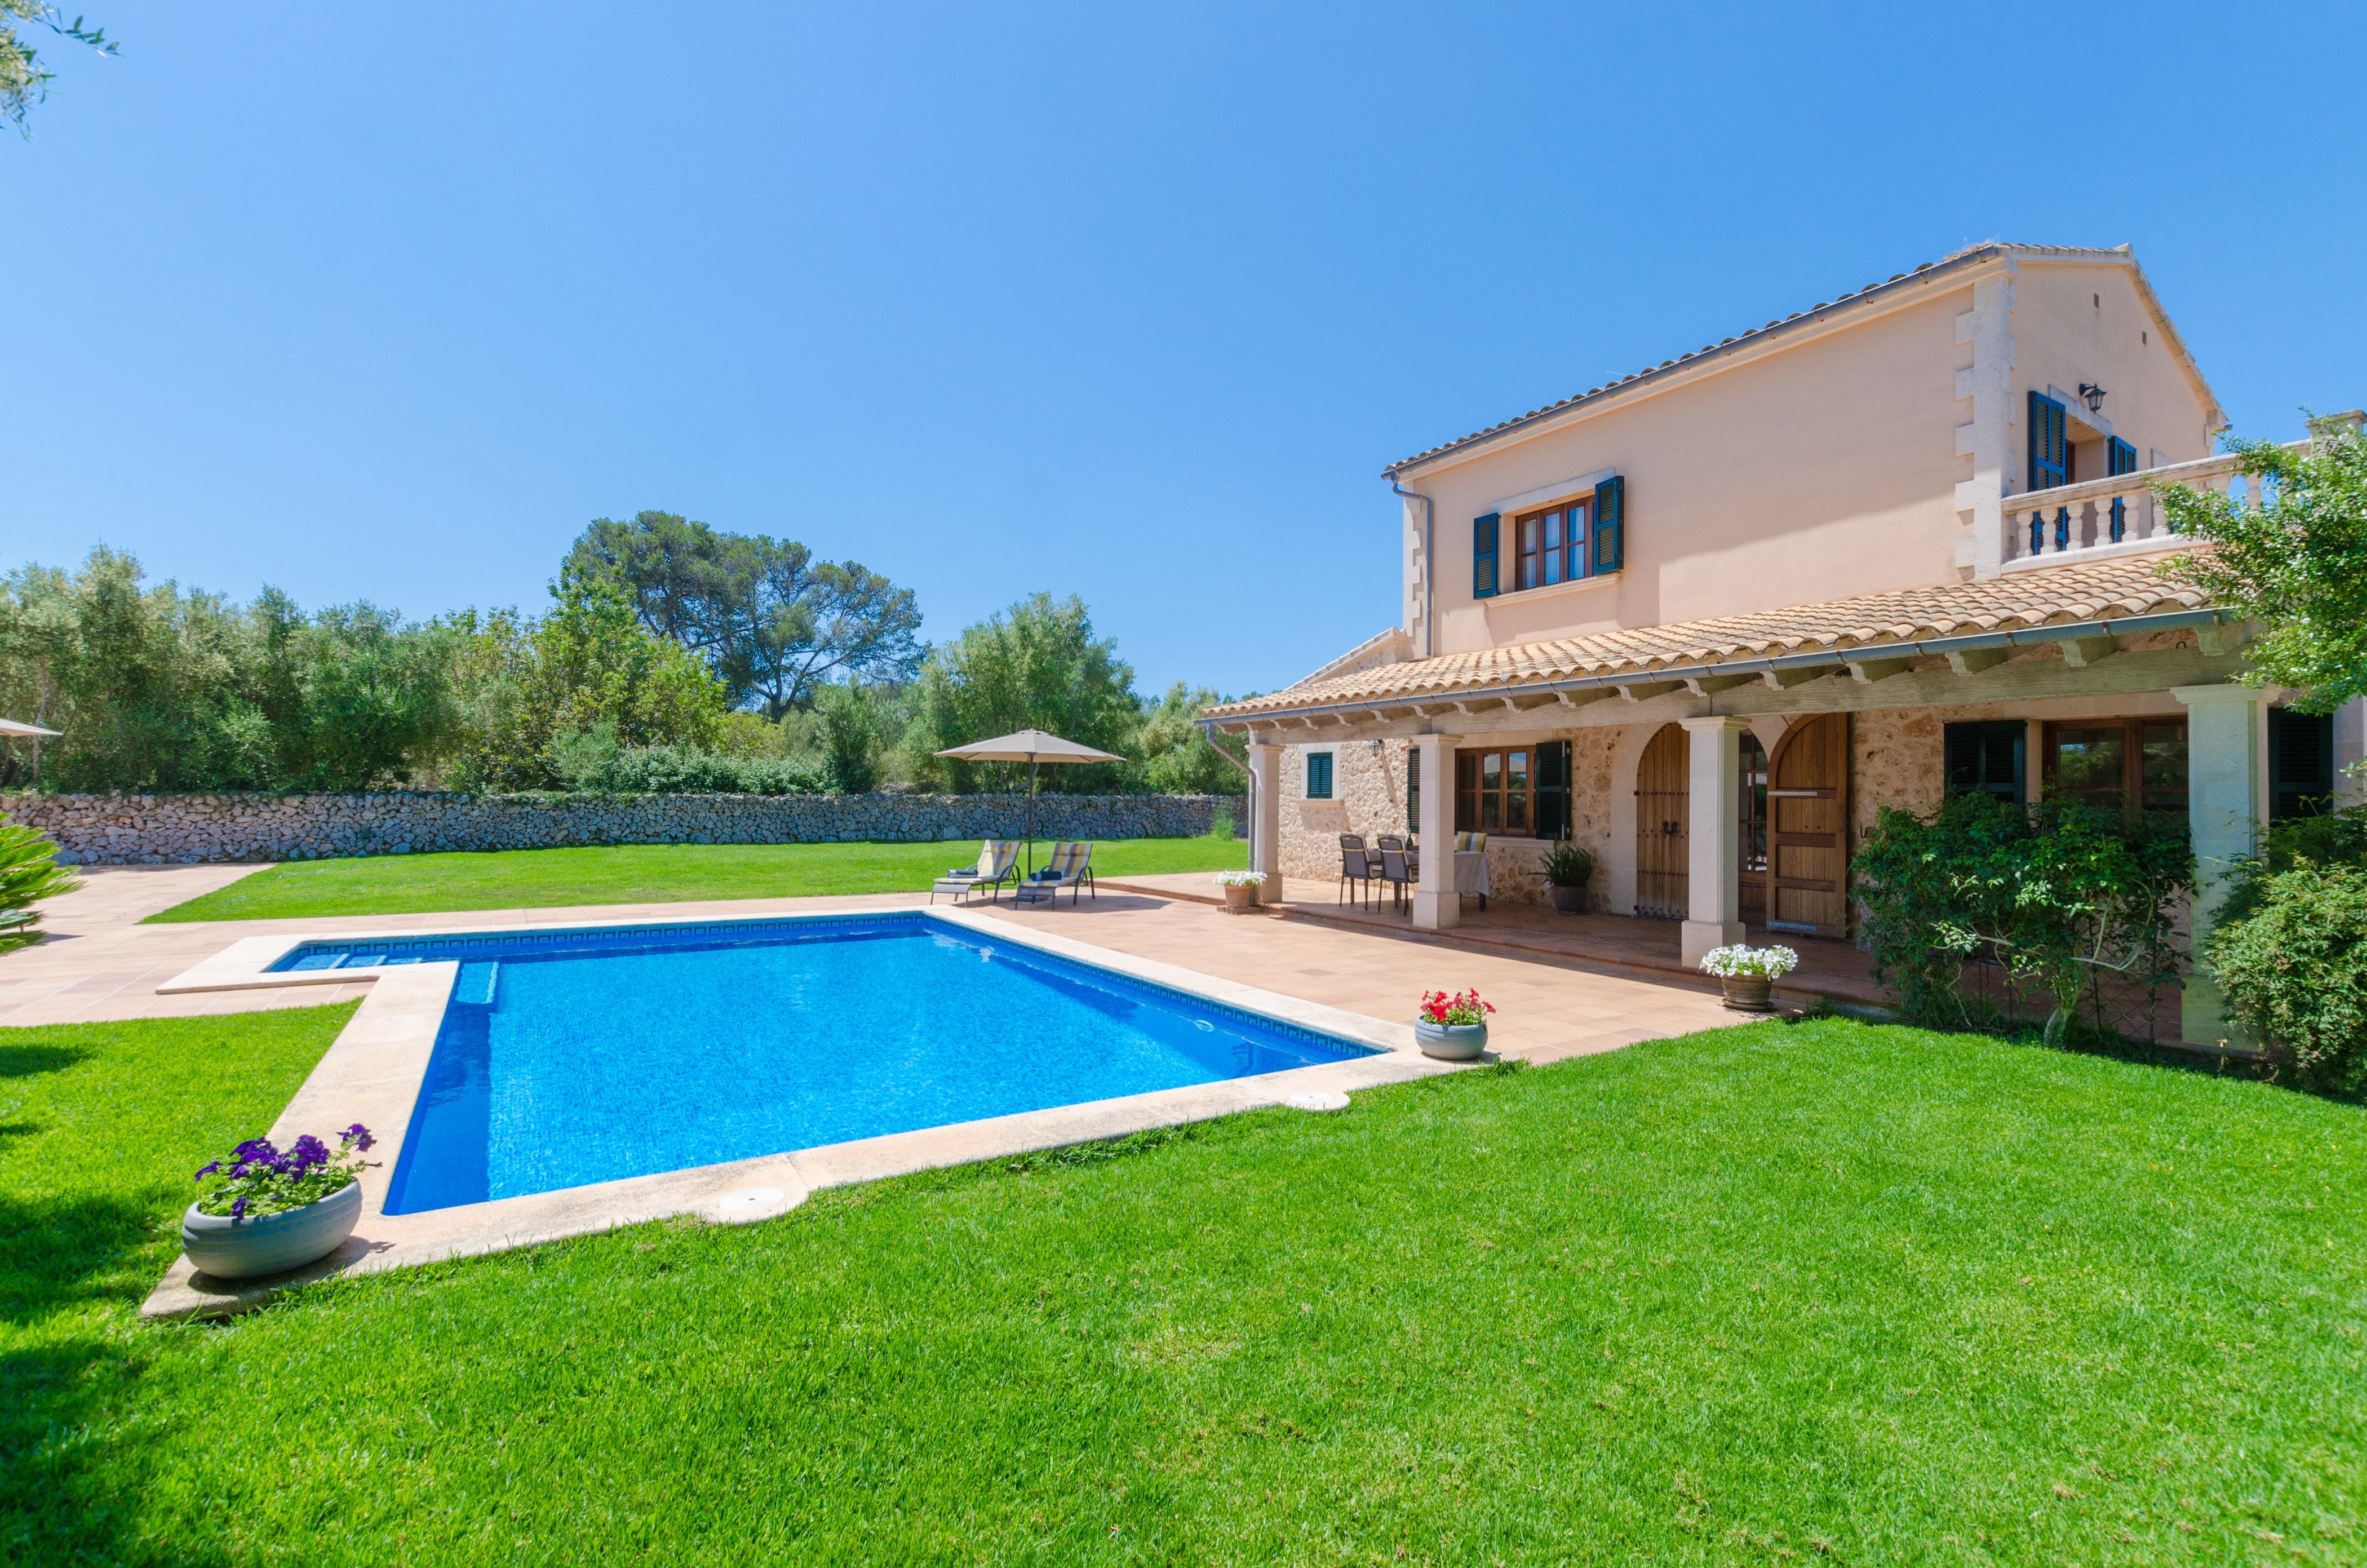 Maison de vacances ES VEDAT (2632993), Lloret de Vistalegre, Majorque, Iles Baléares, Espagne, image 42